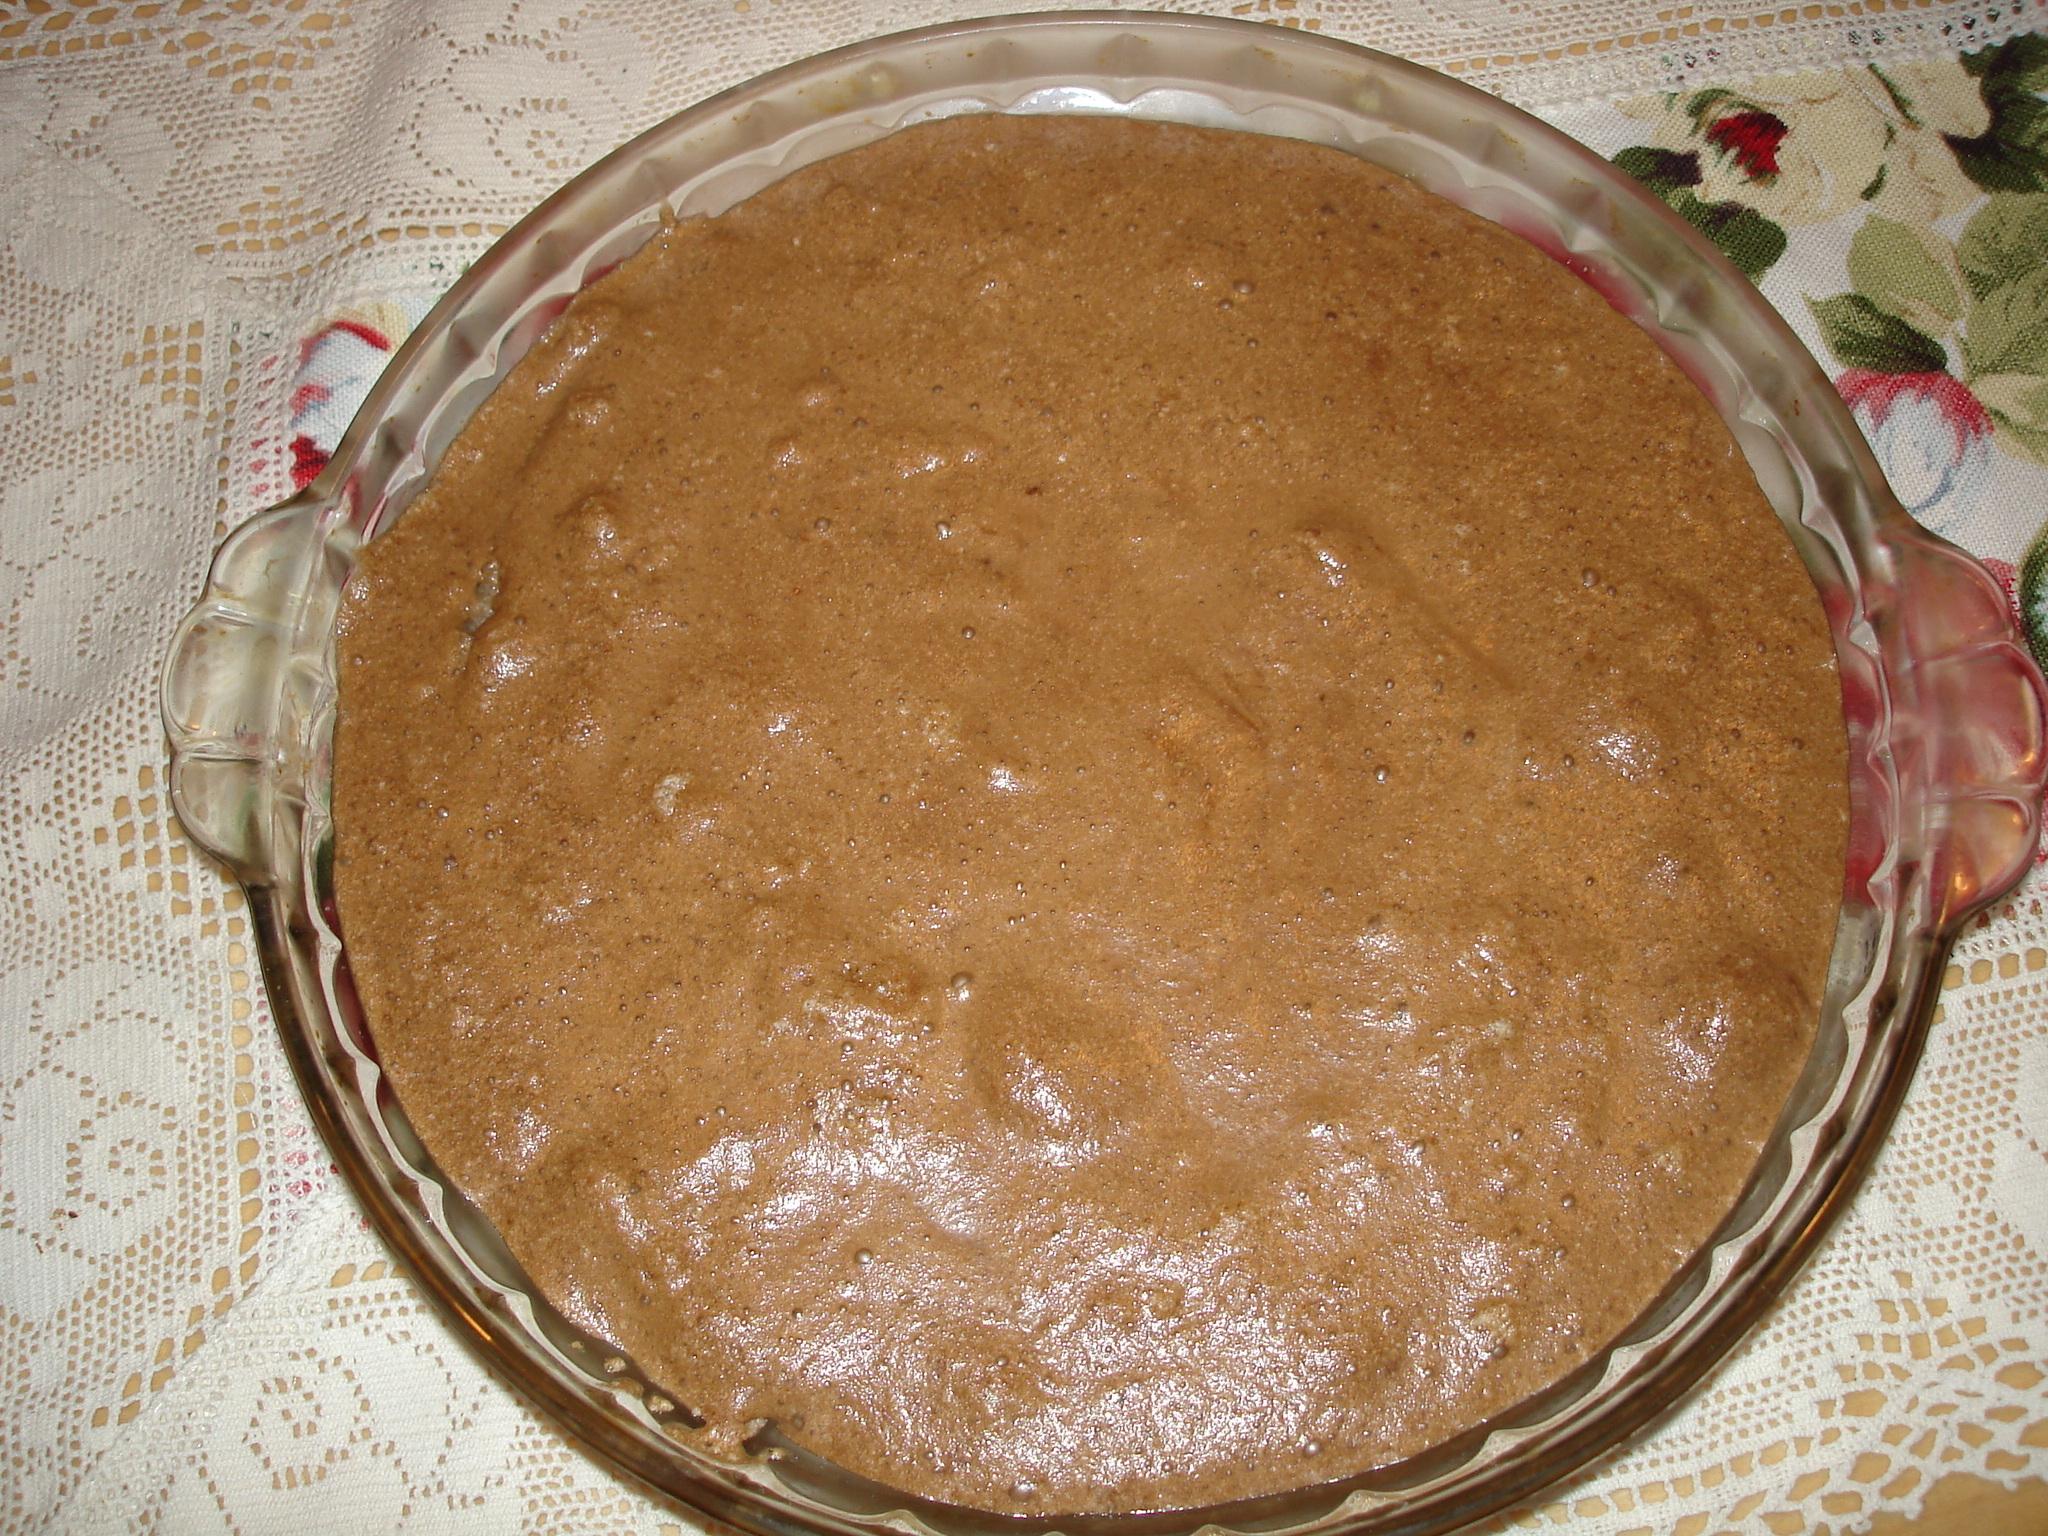 Kexchokladpaj